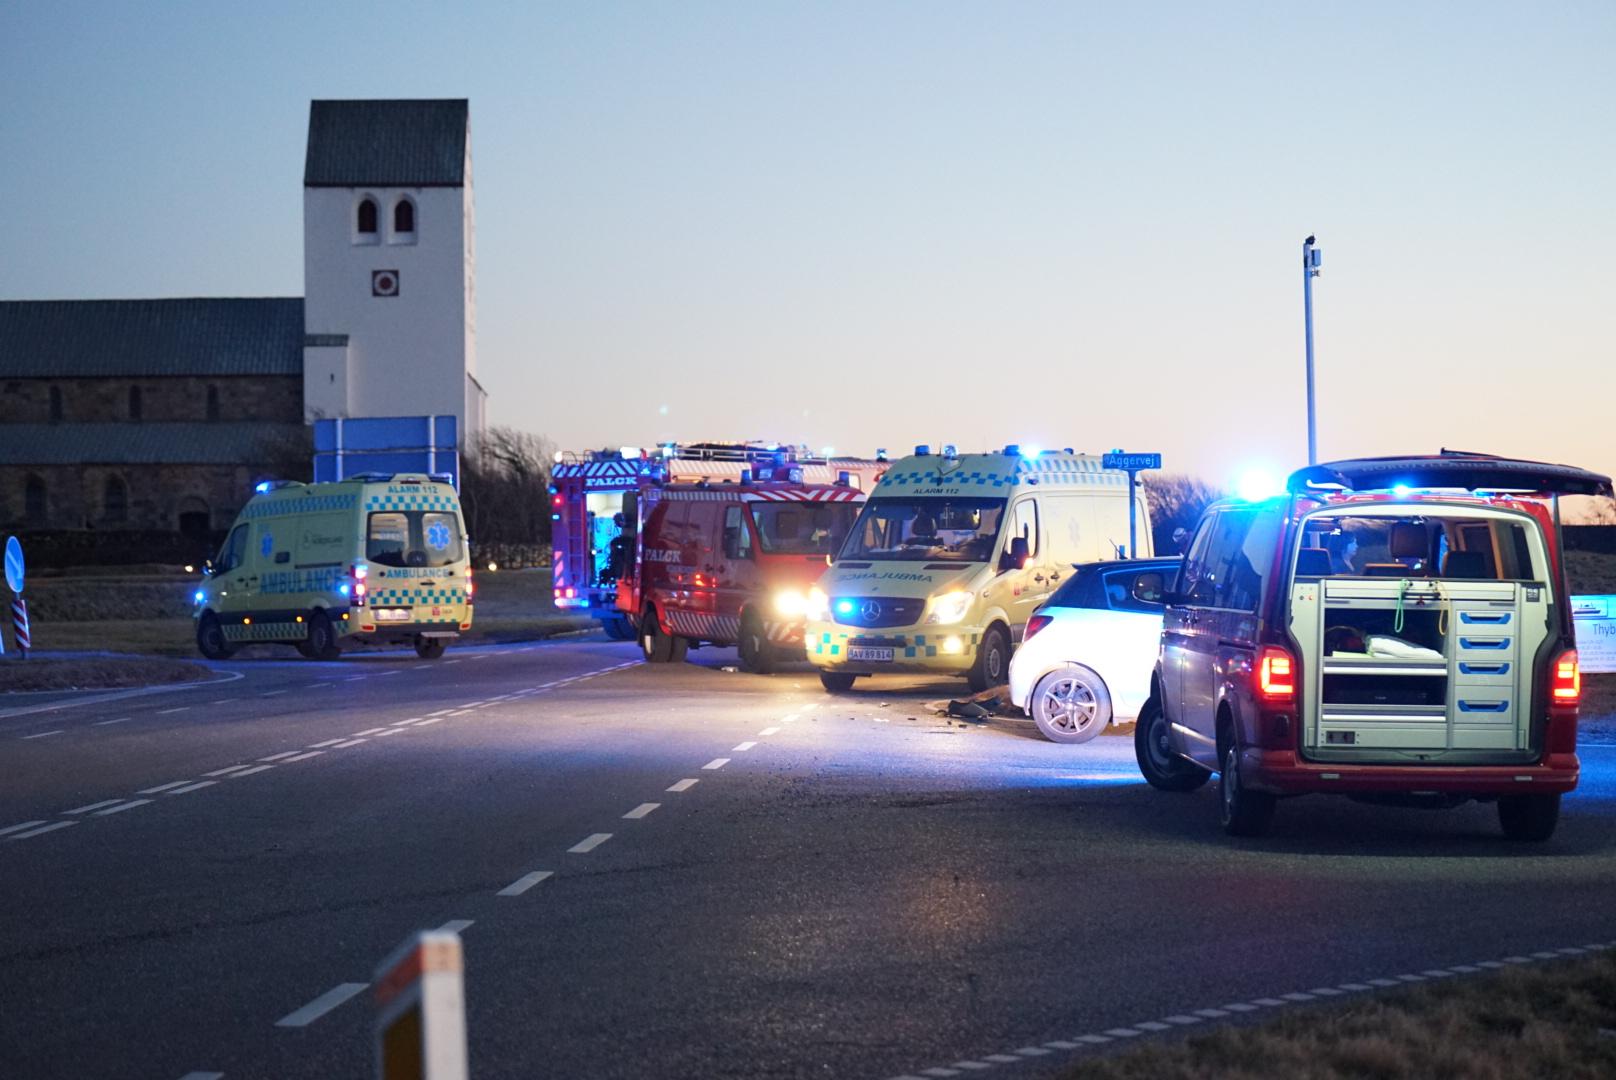 Voldsom ulykke mellem to biler - helikopter ankommet